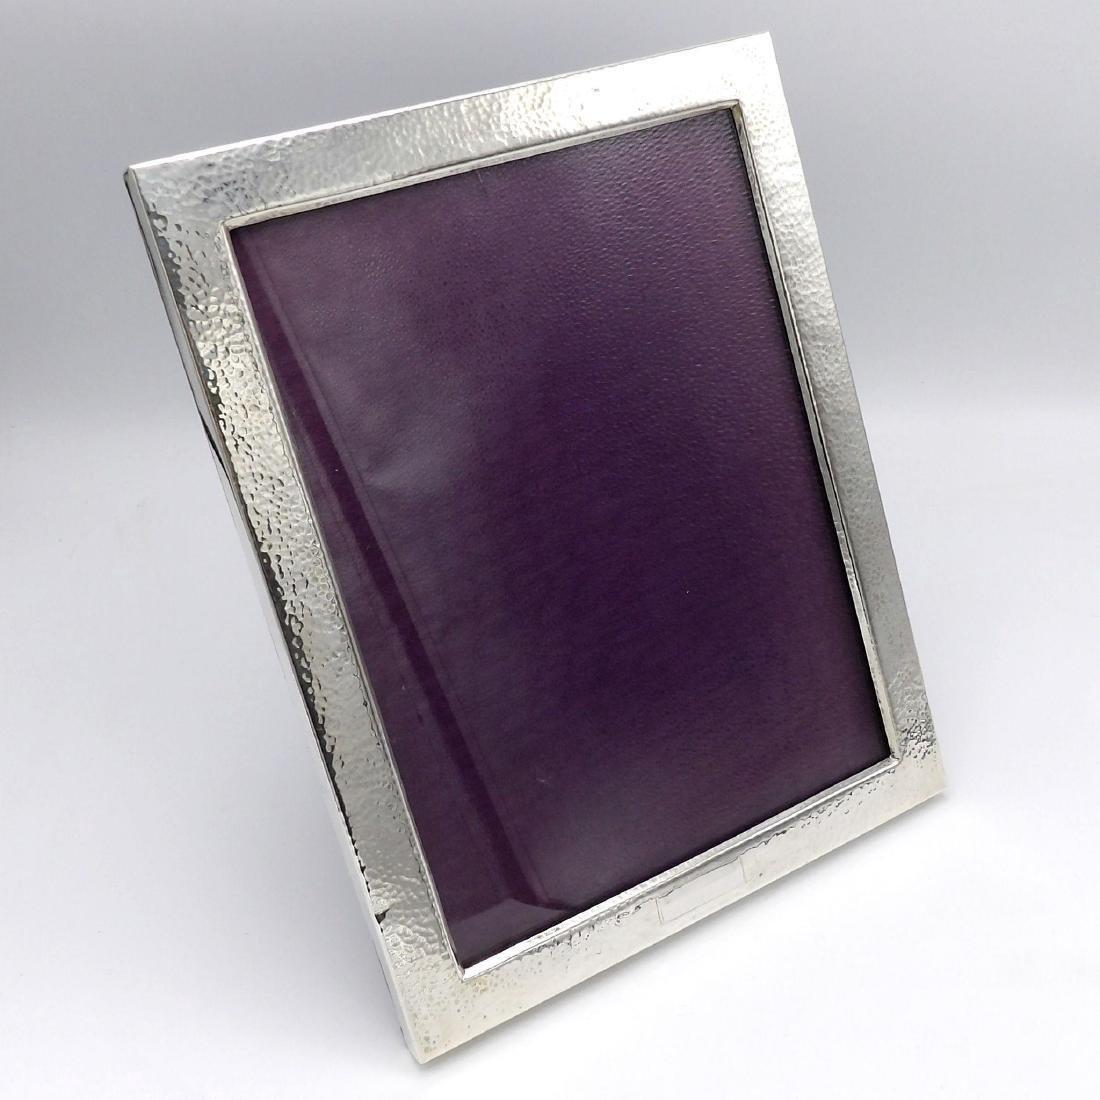 Vintage Arts & Crafts Hammered Sterling Silver Frame - 6